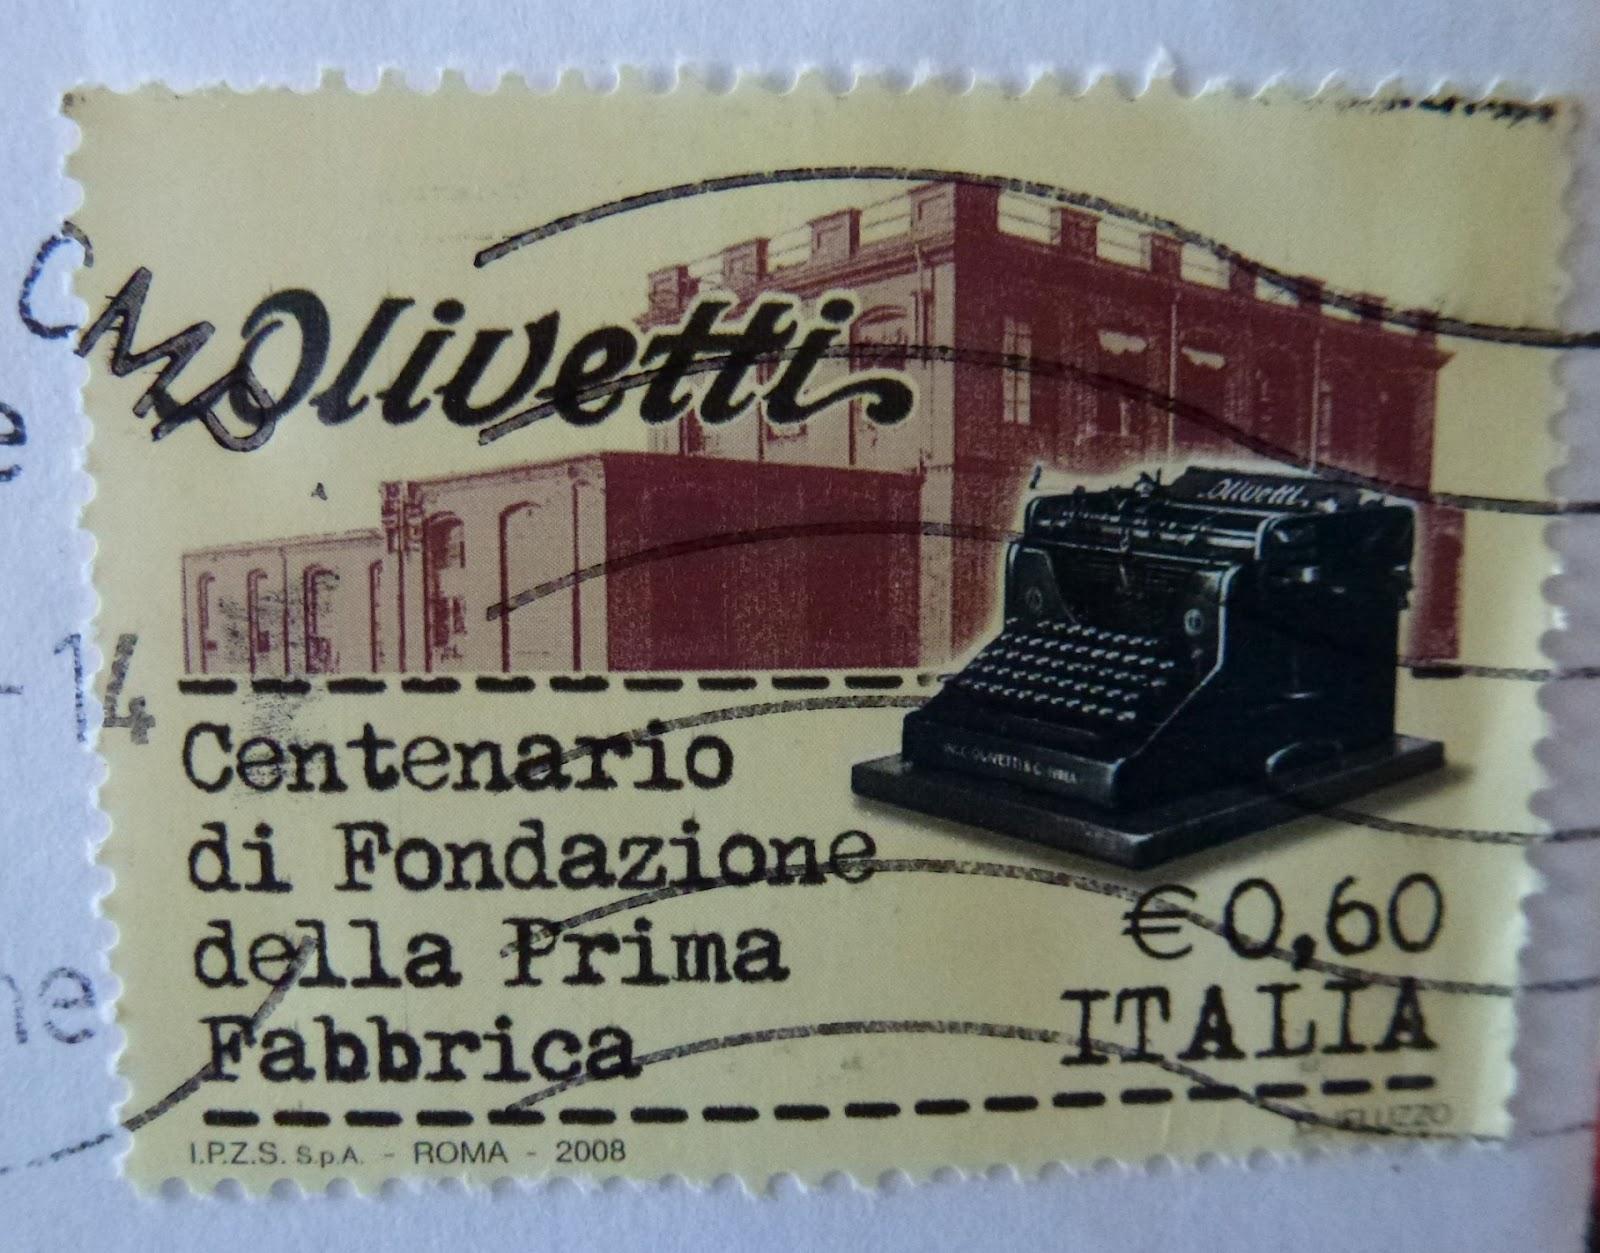 Fabbrica Olivetti centenario fondazione